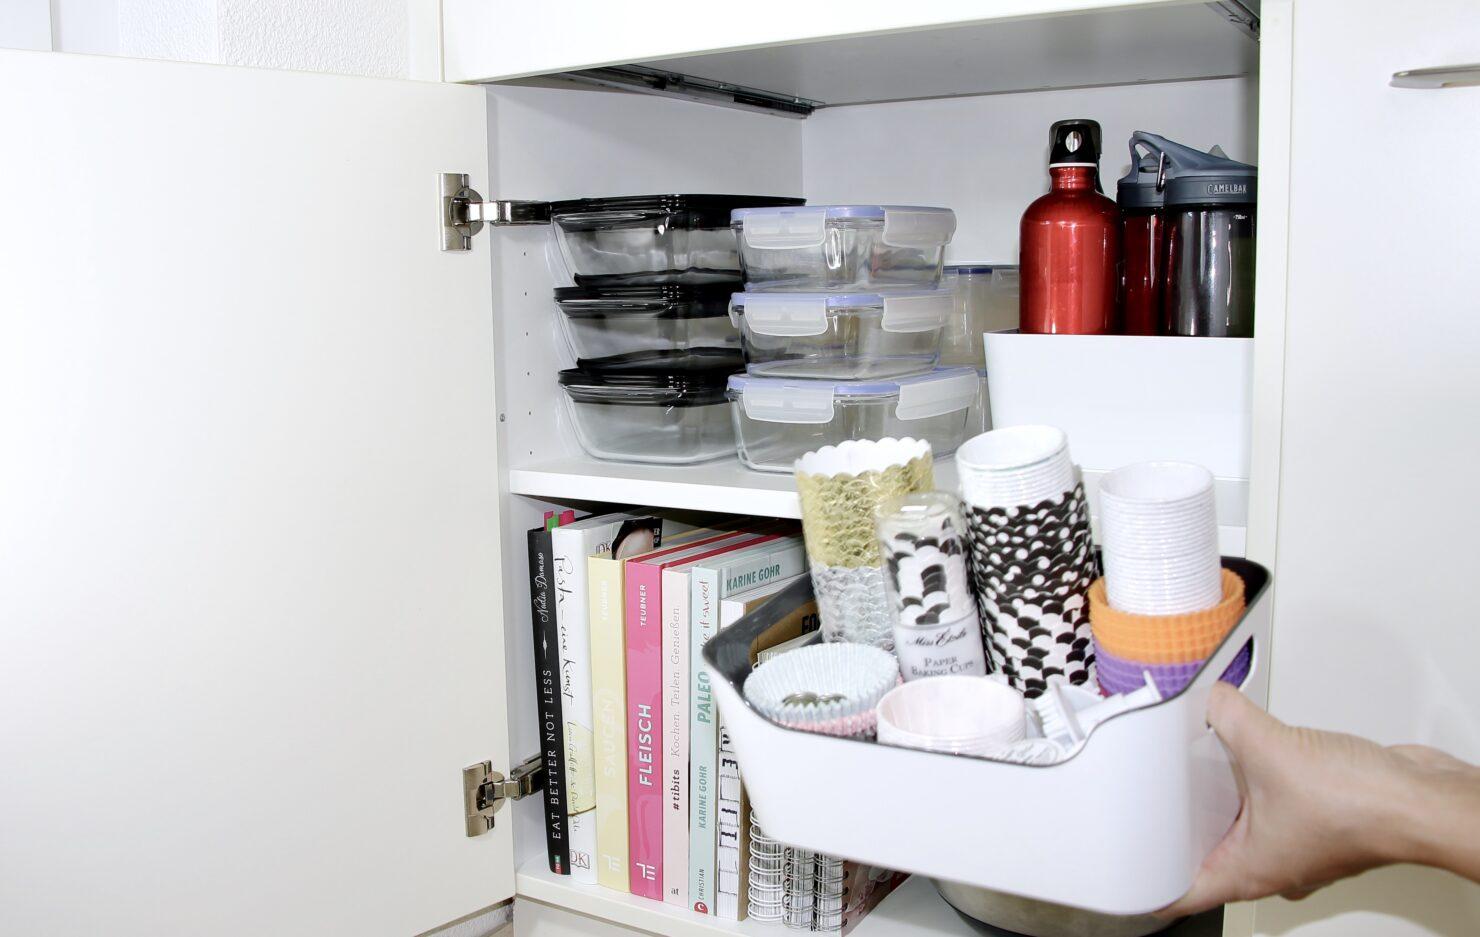 Ordnung in der Küche - Tipps und Ideen für mehr Küchenordnung